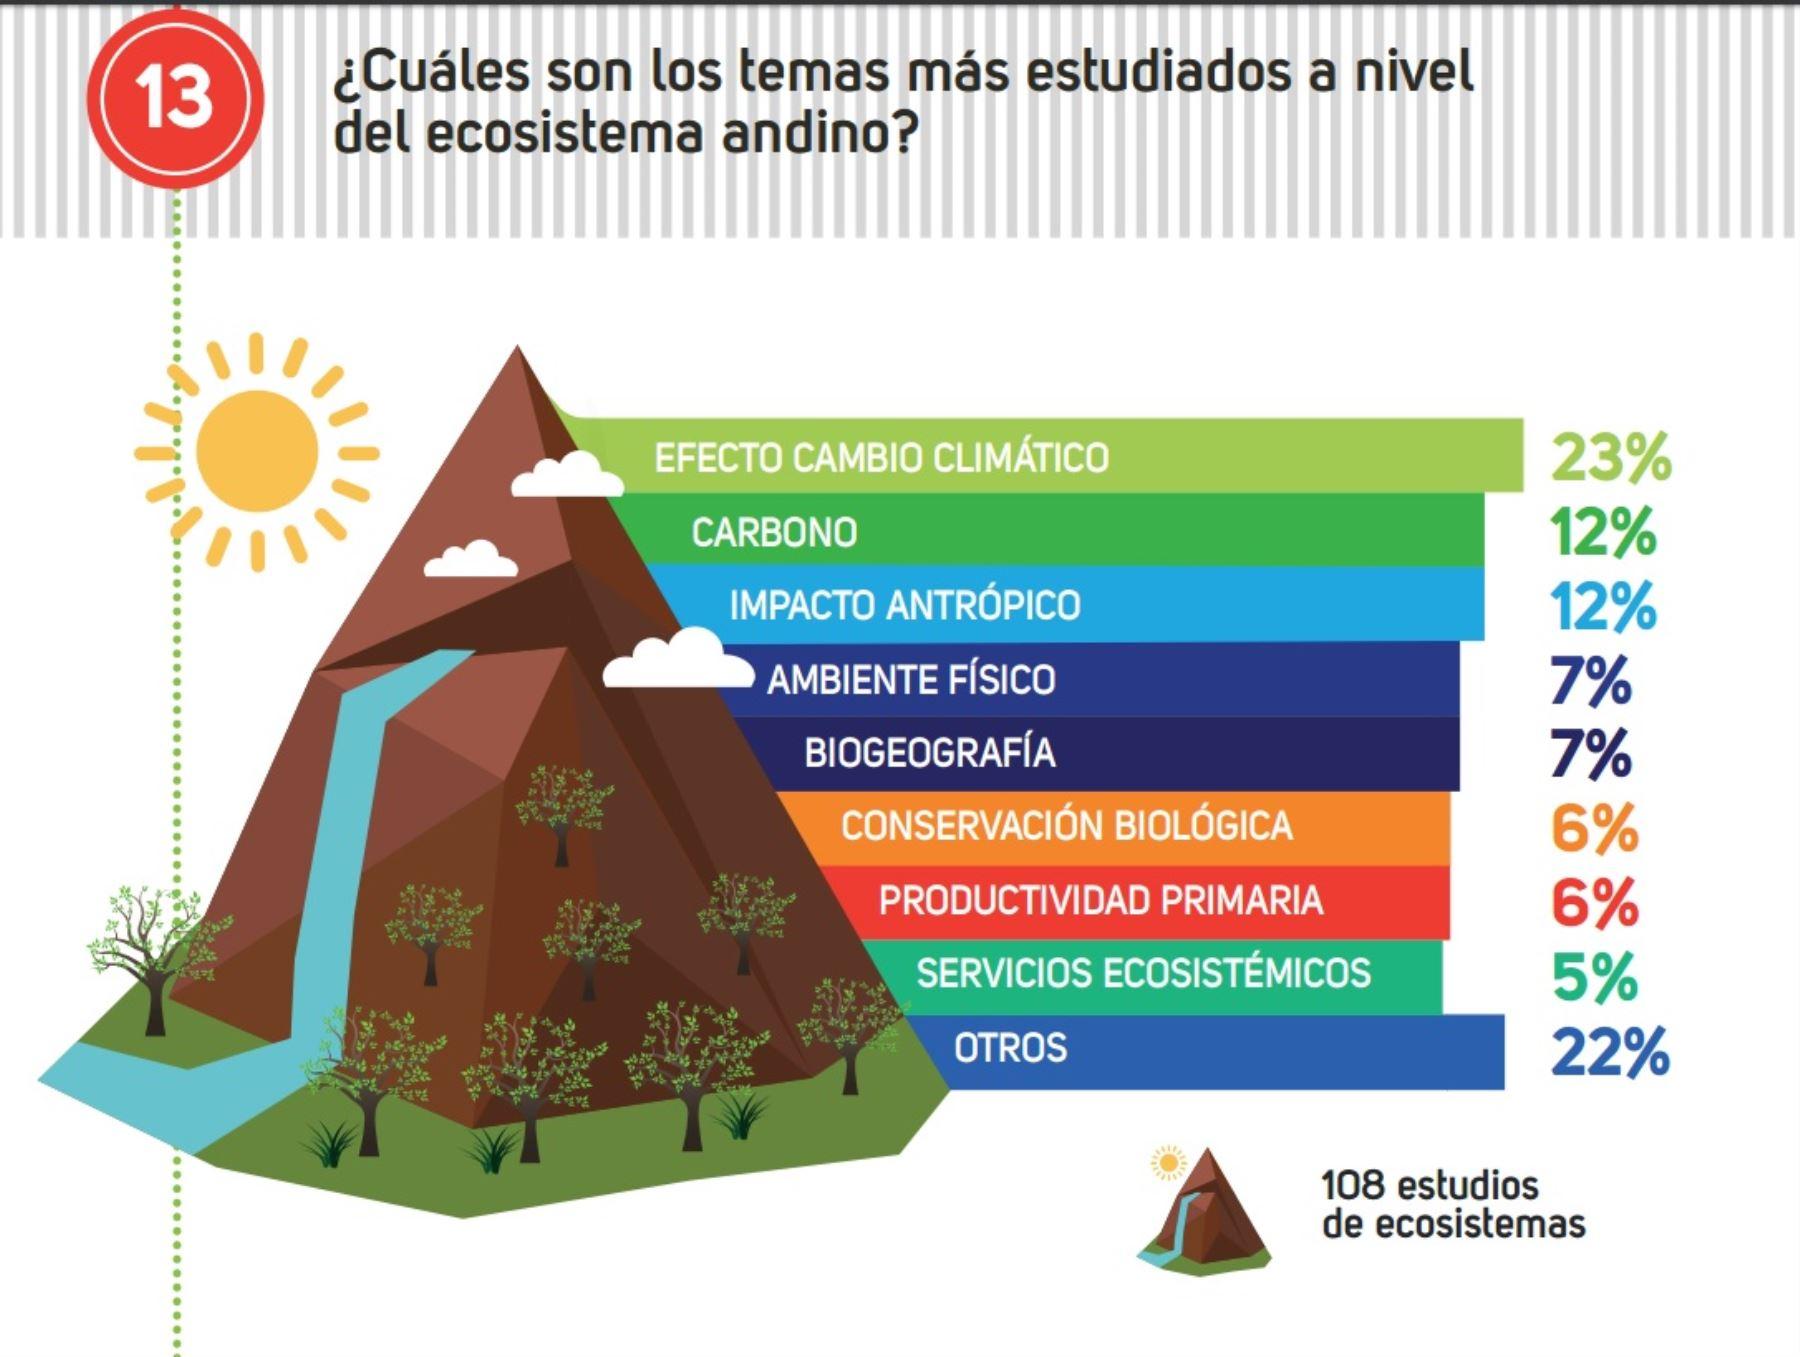 La investigación en bosques andinos se ha concentrado principalmente en estudios de sistemática y taxonomía por tratarse de temas transversales en cualquier tipo deinvestigación.